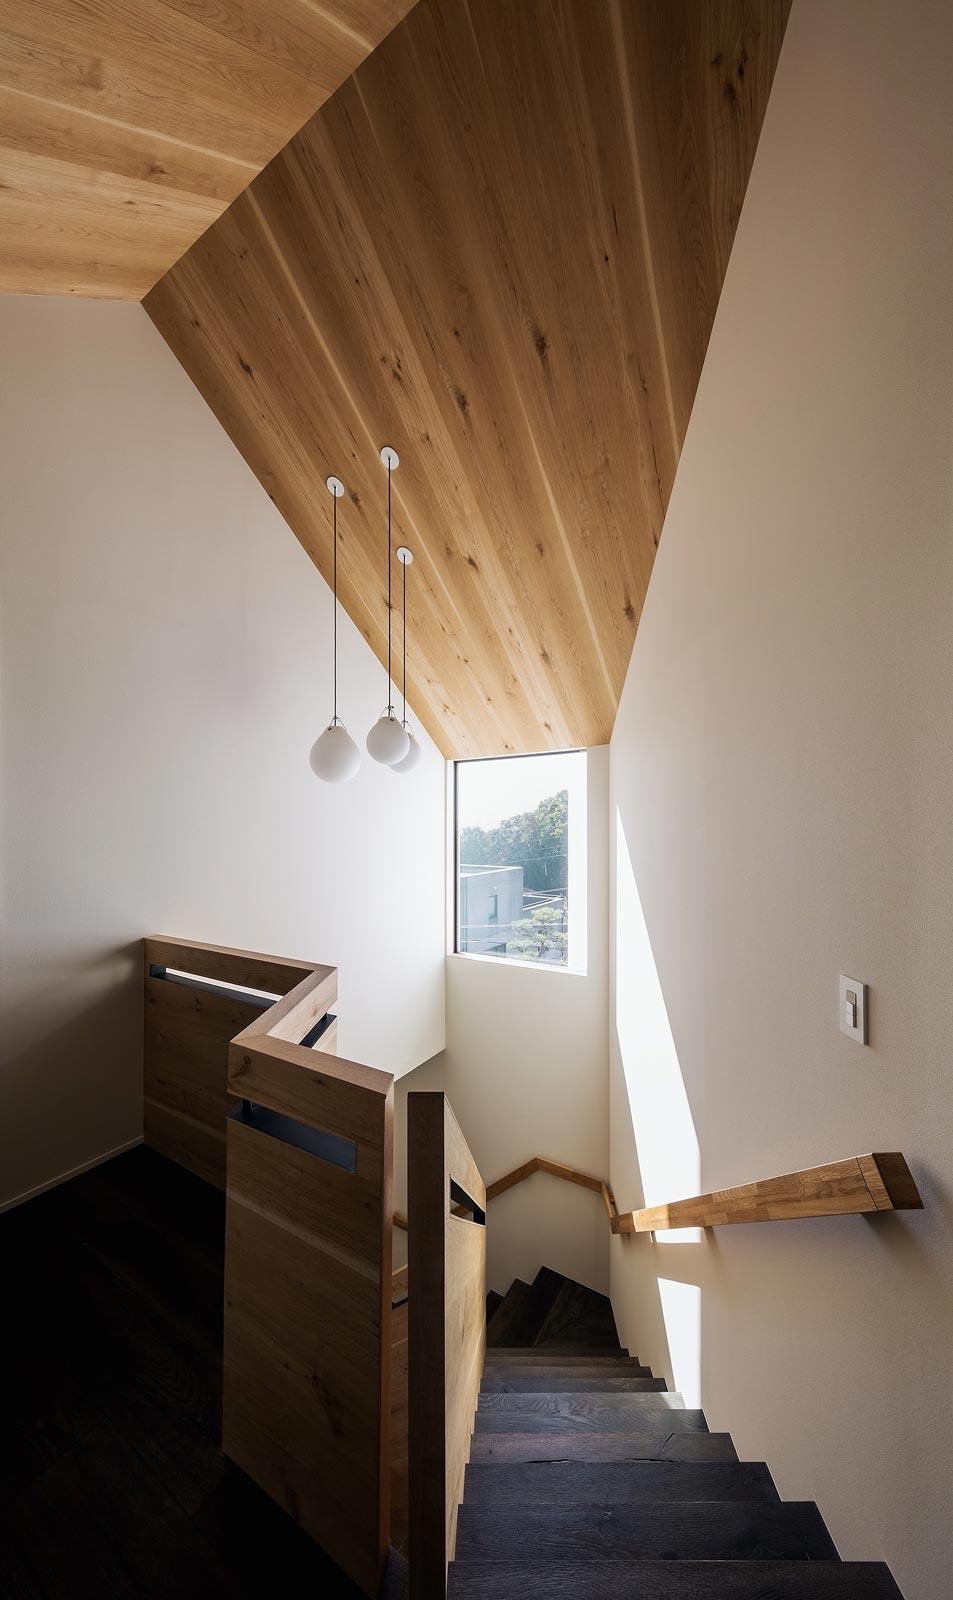 <p> 階段室 </p>